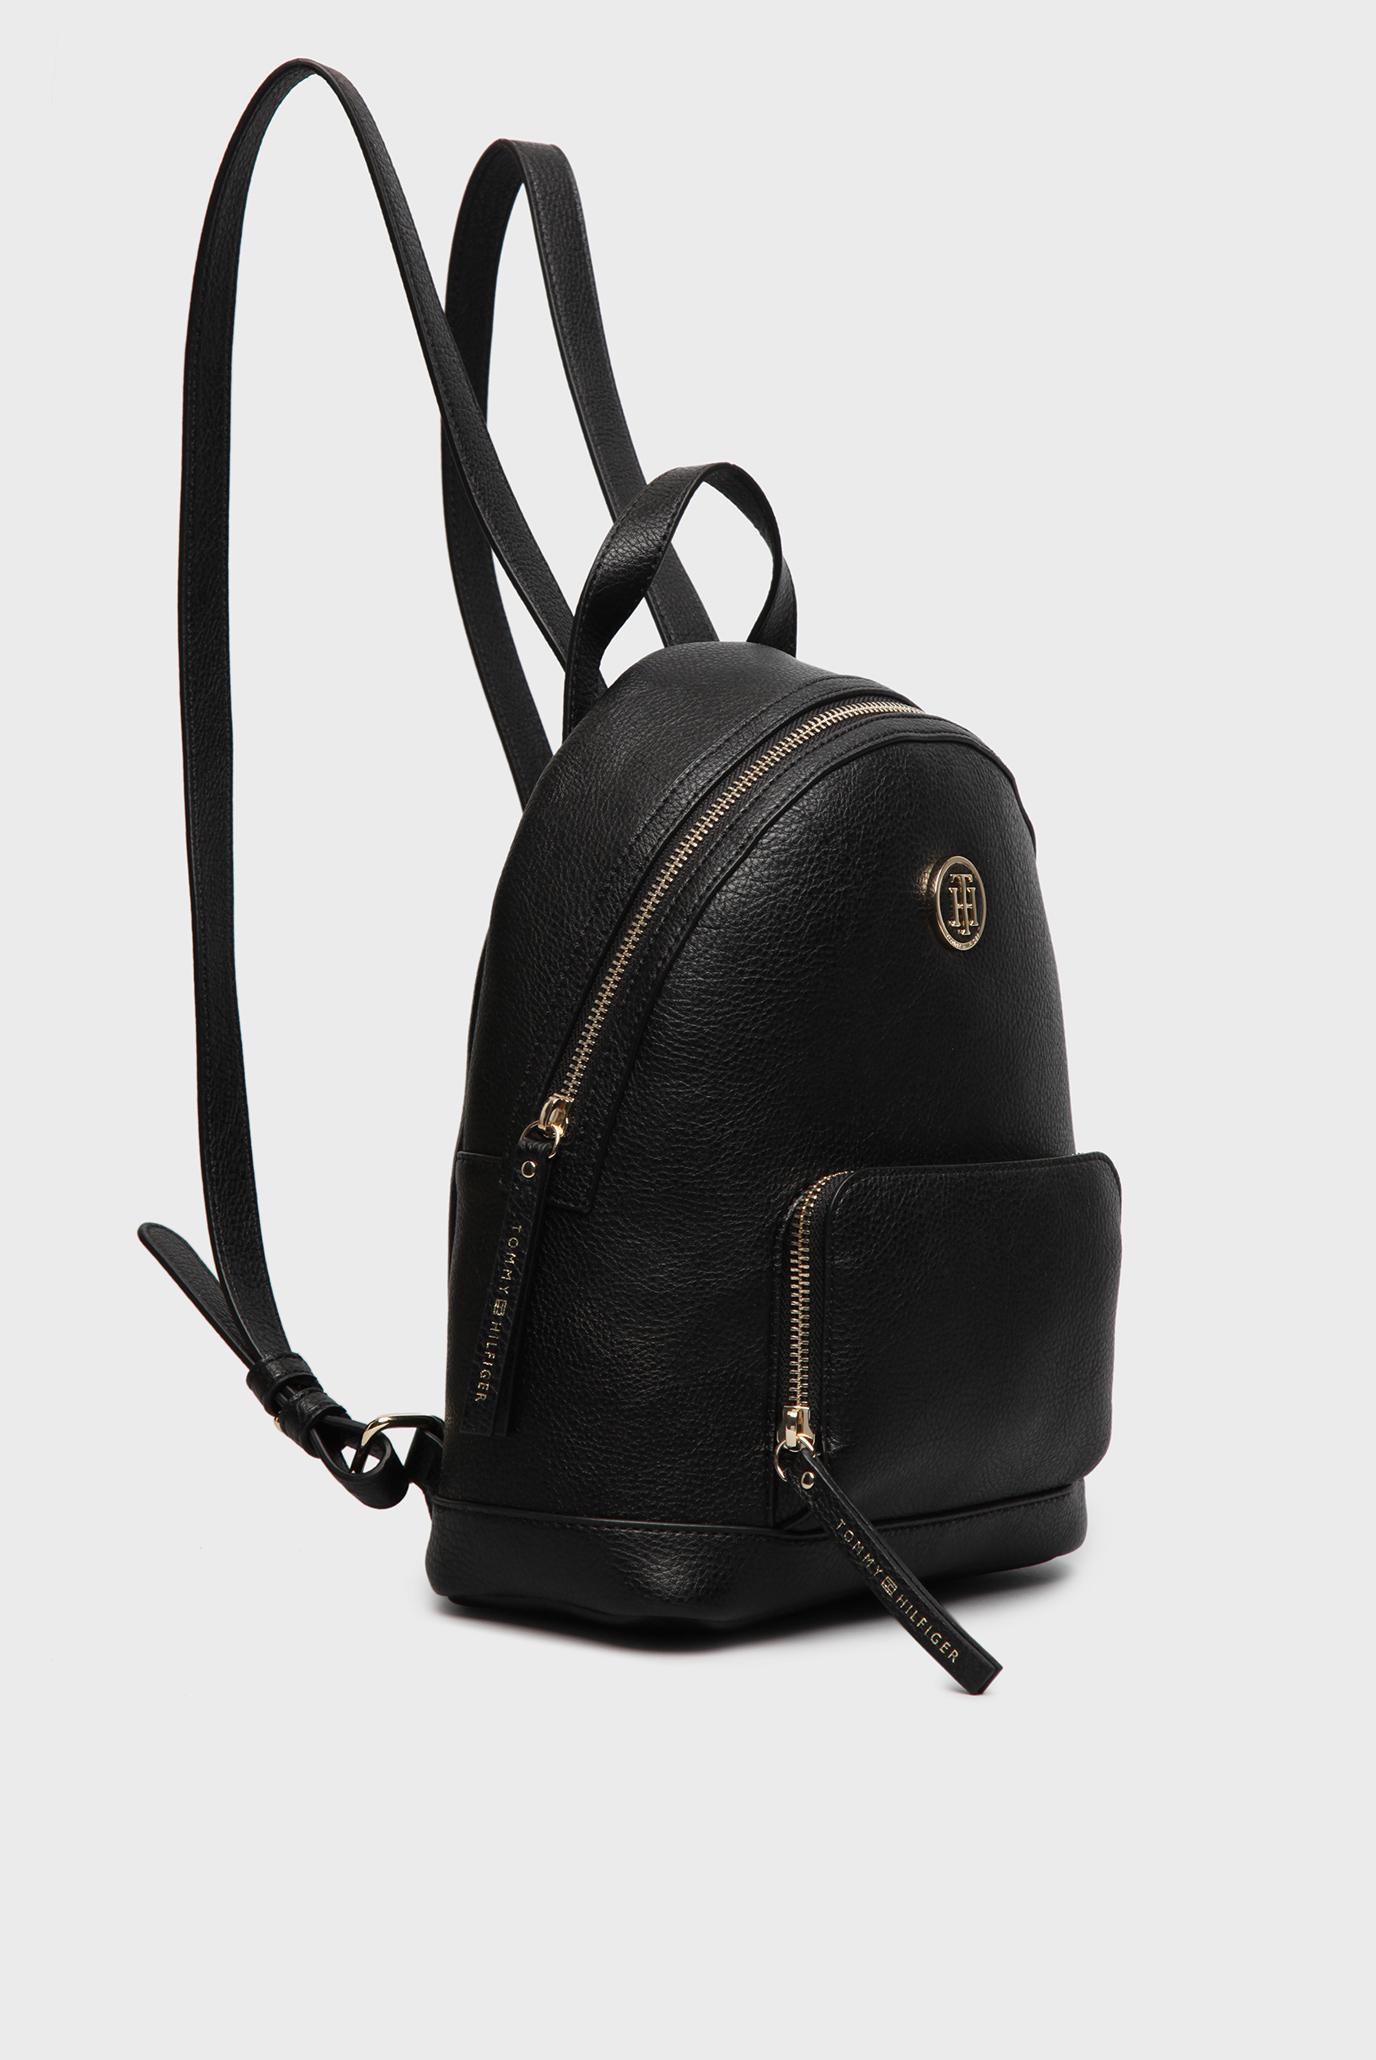 c312b9a421ec Купить Женский черный кожаный рюкзак Tommy Hilfiger Tommy Hilfiger  AW0AW03936 – Киев, Украина. Цены в интернет магазине ...